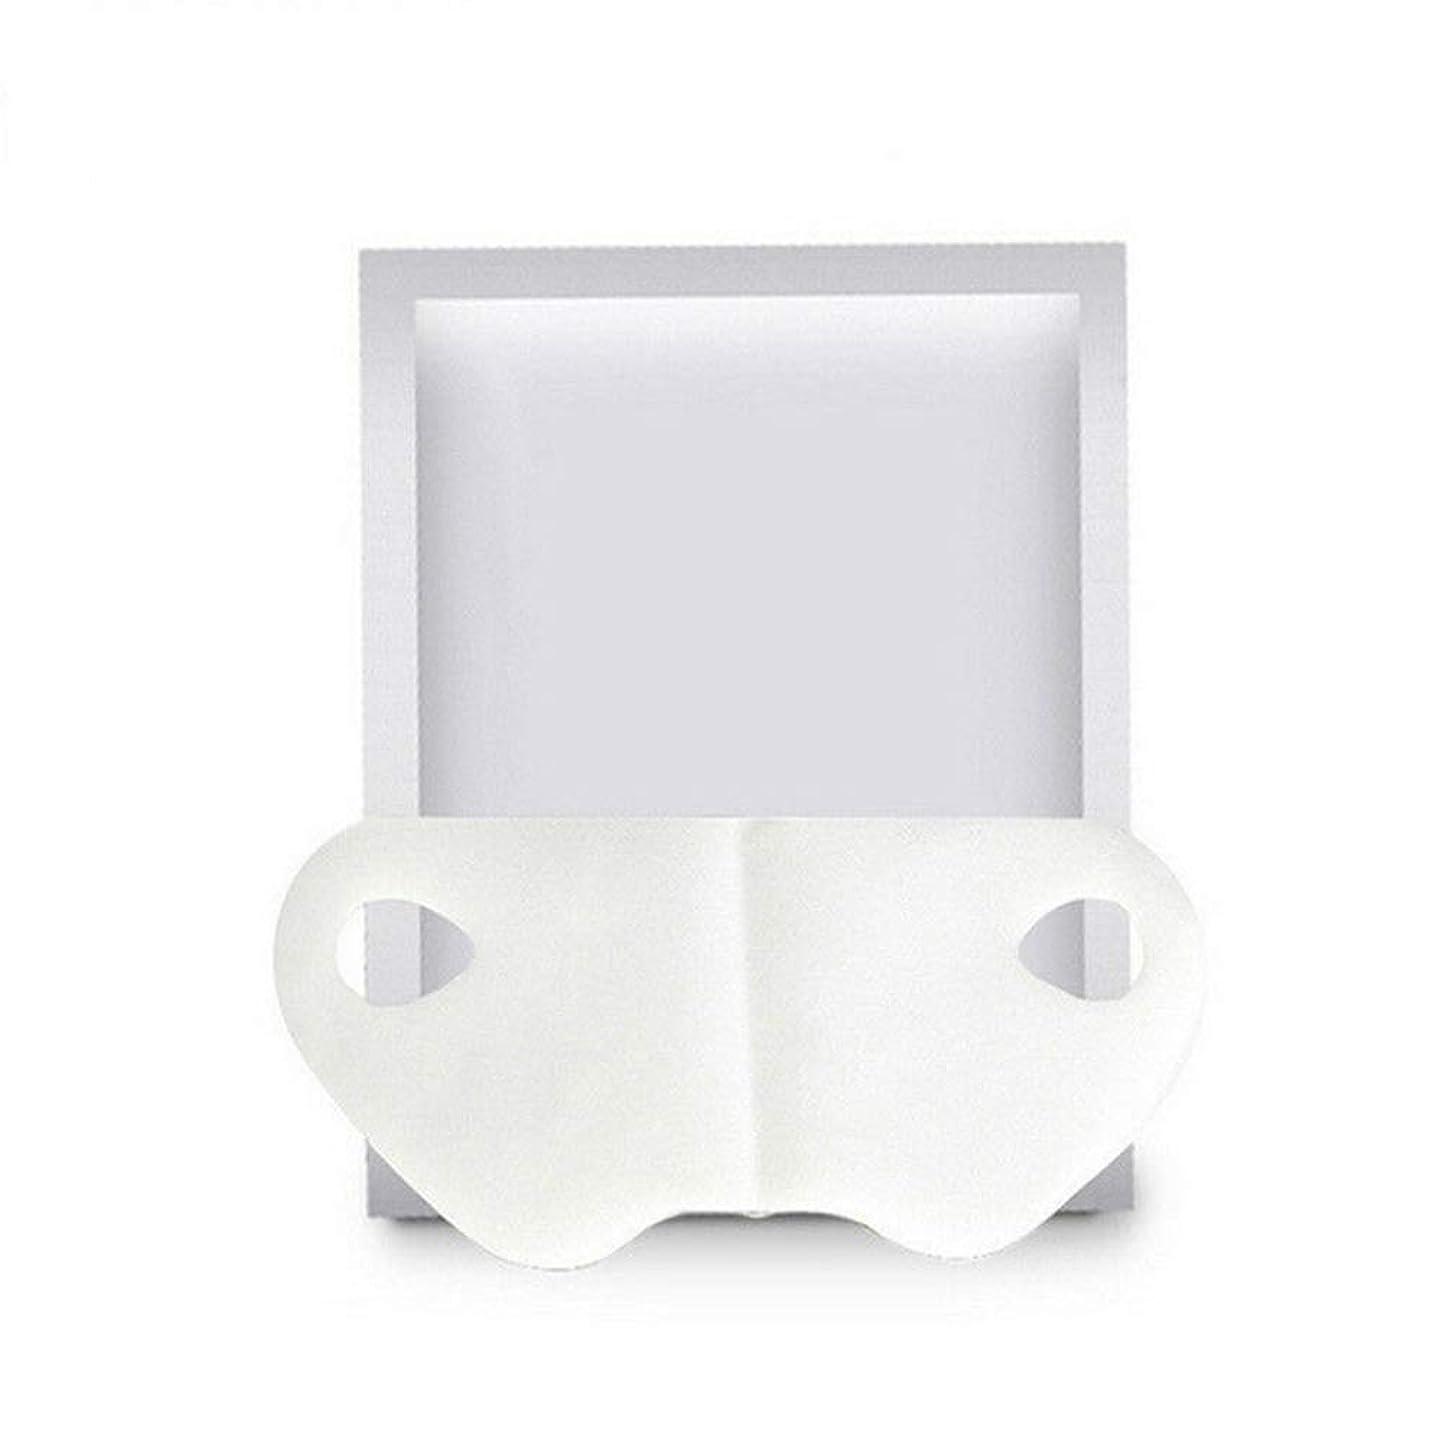 少なくとも科学者同性愛者Funtoget ??保湿フェイスファーミングマスクをホワイトニングするV字型スリミングフェイスマスク